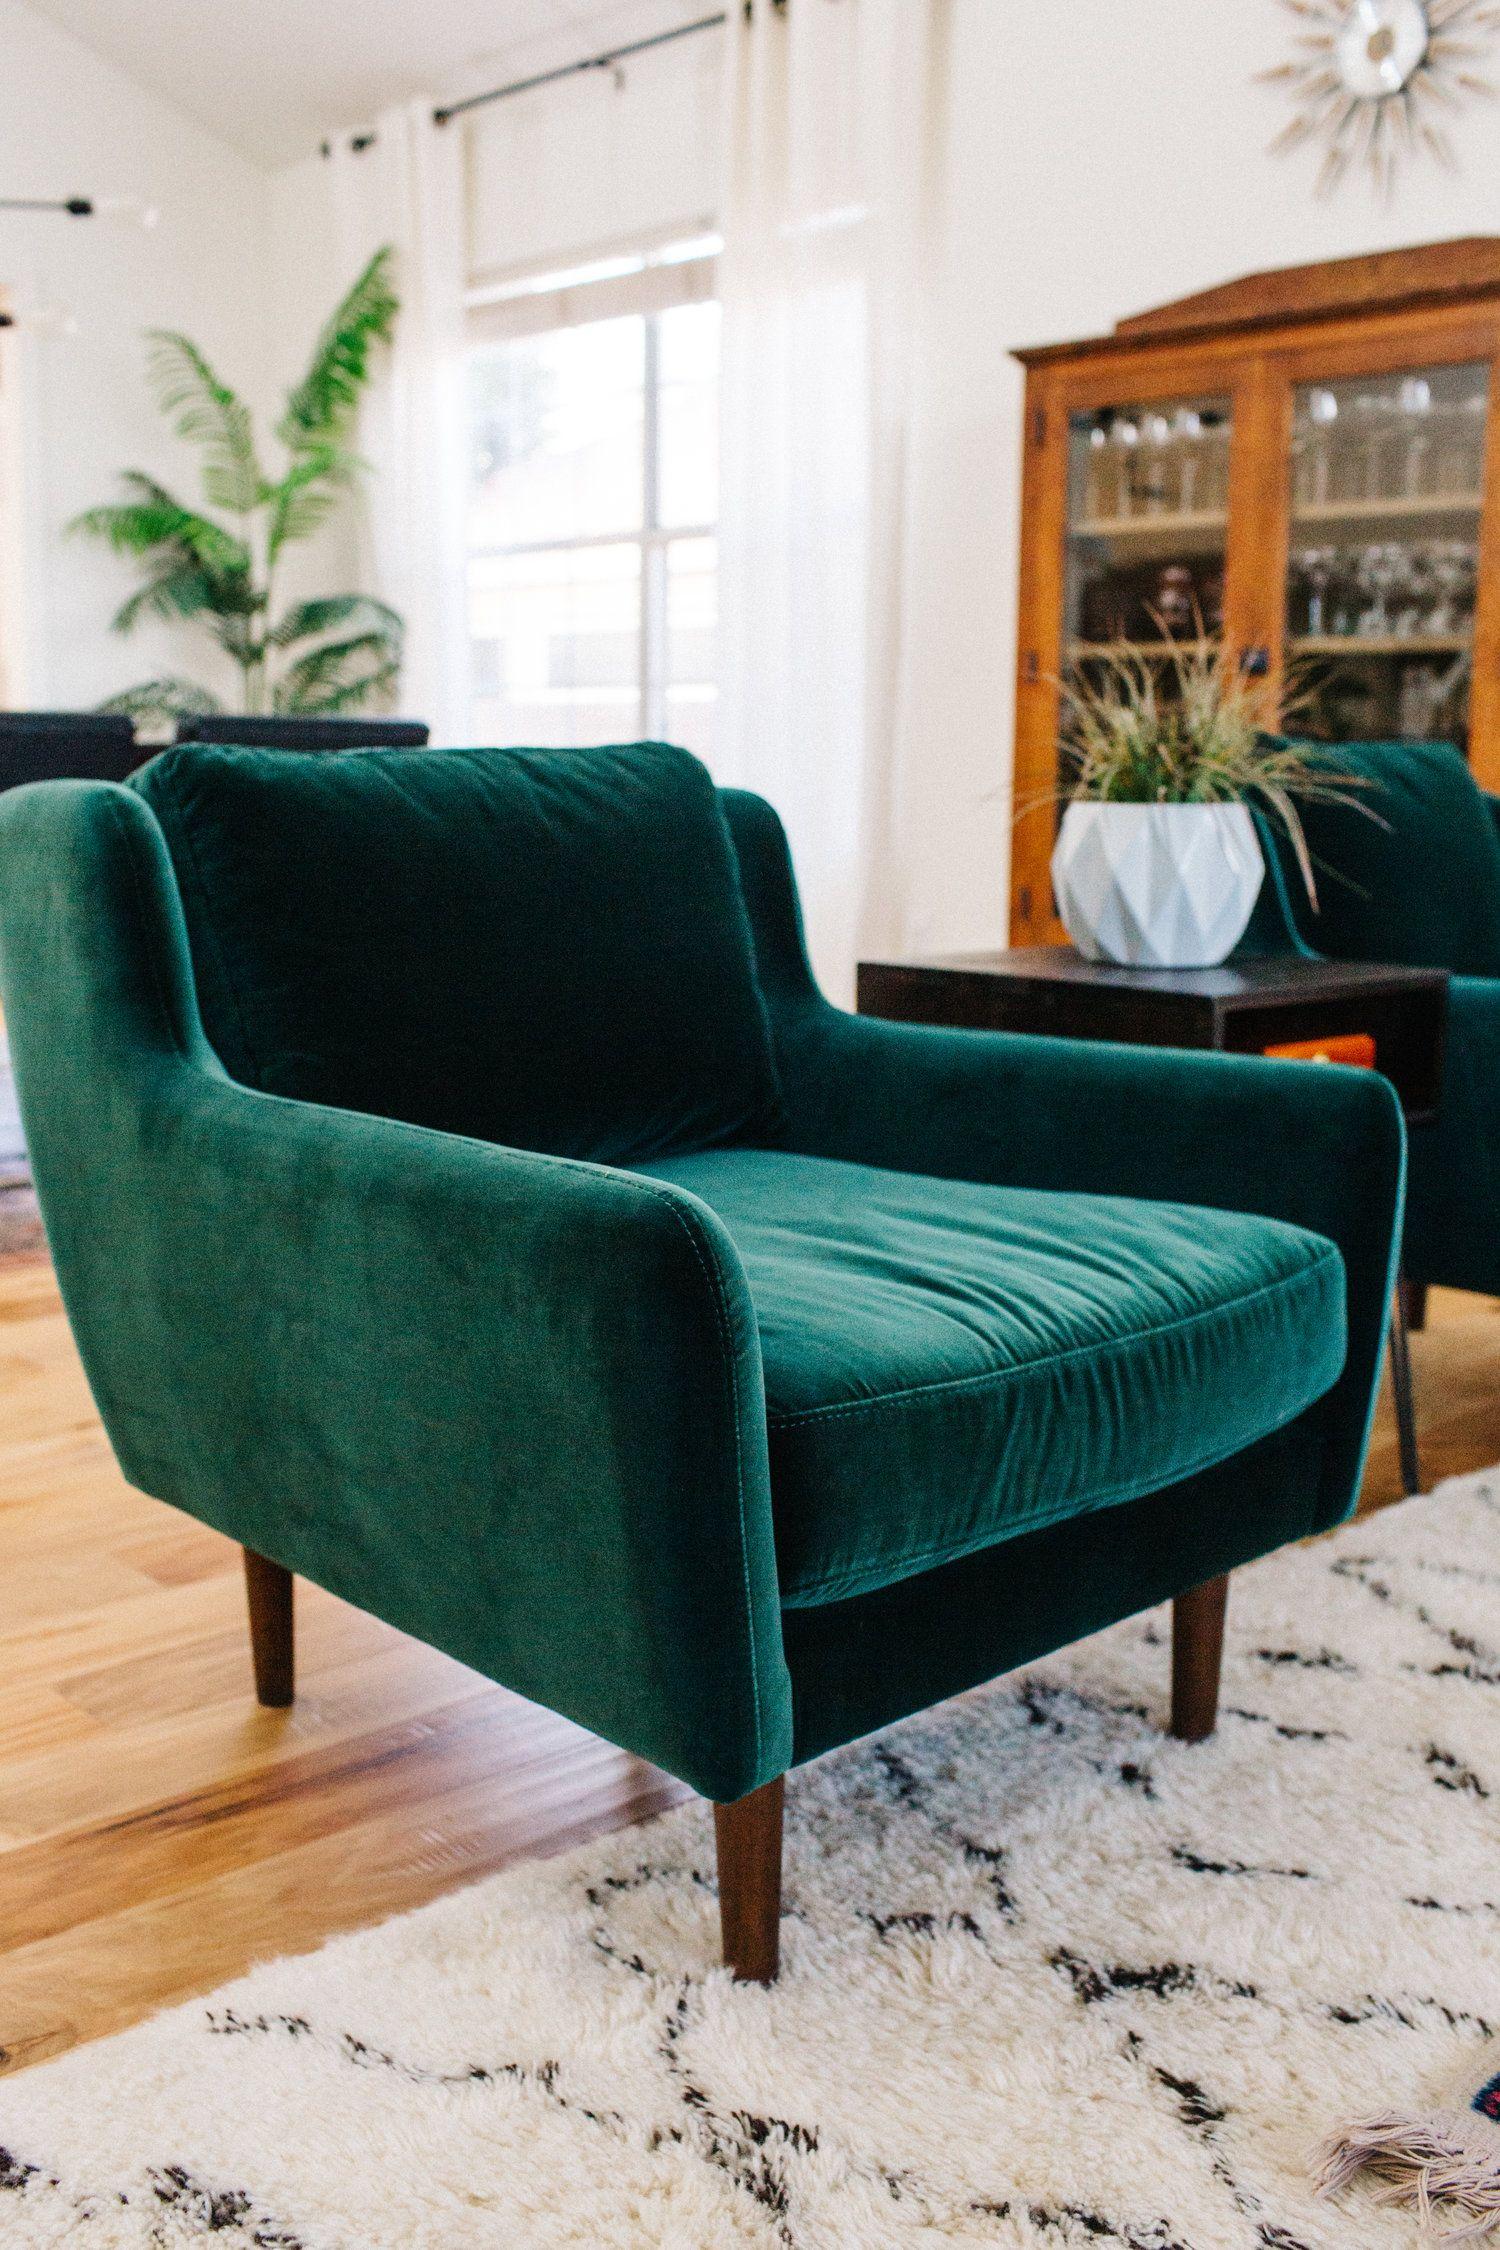 Green Velvet Ave Styles Furniture Design Chair Modern Apartment Design Home Decor